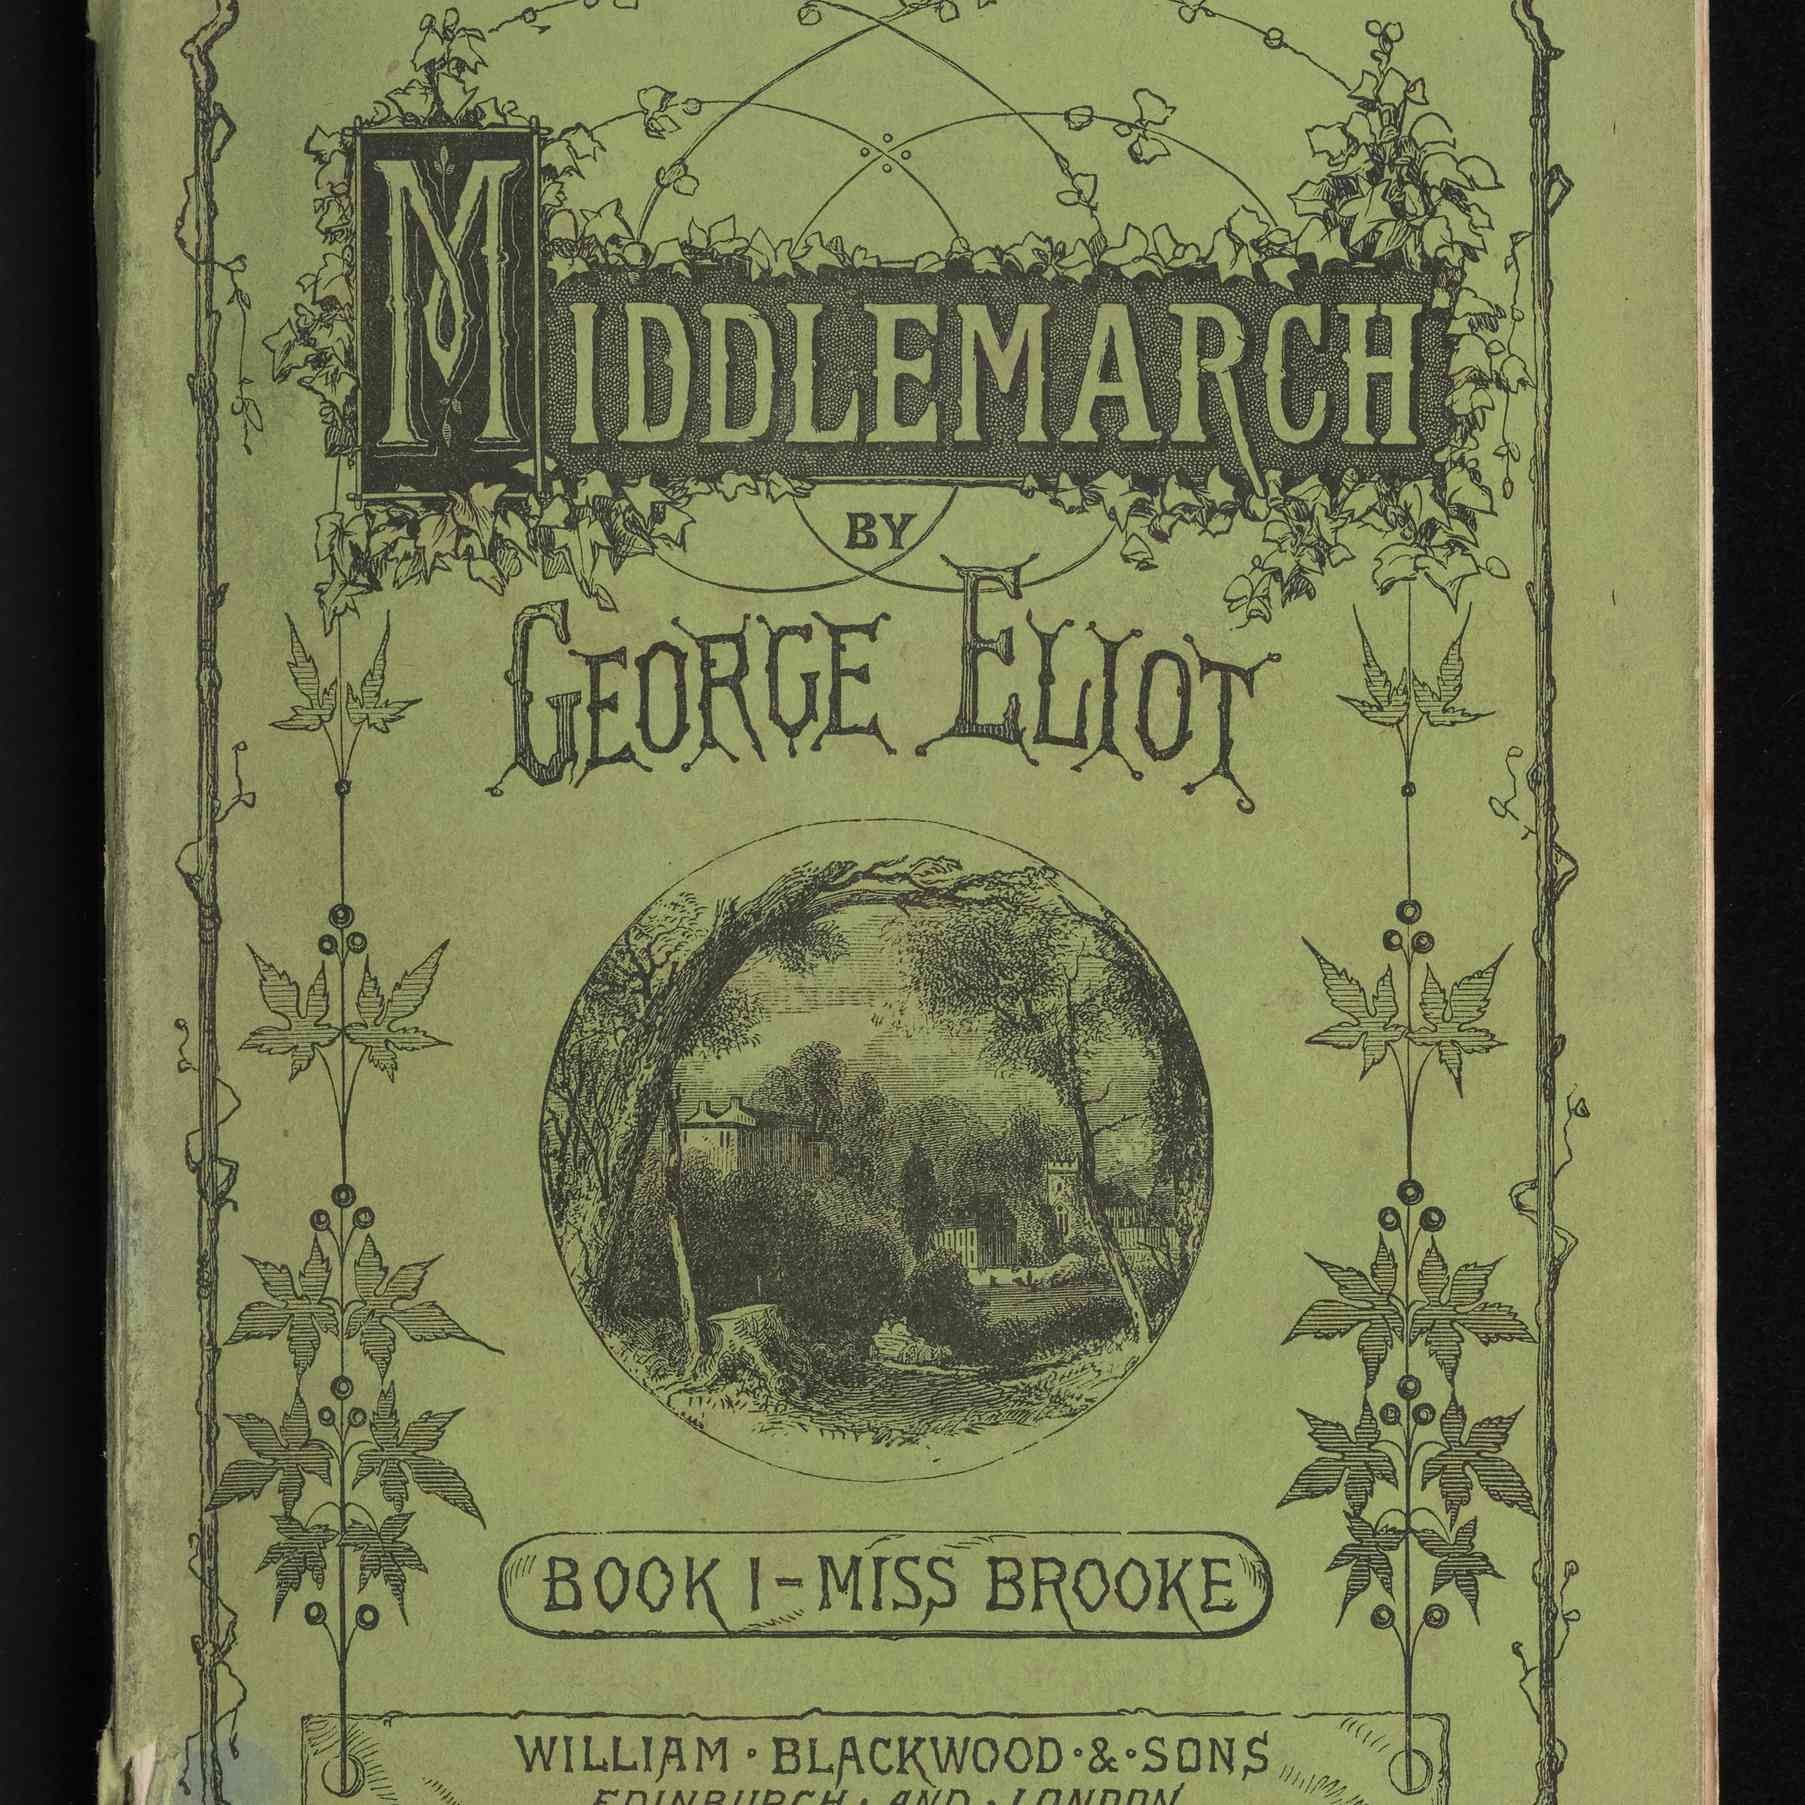 Buchcover von Band 1 von Middlemarch von George Eliot